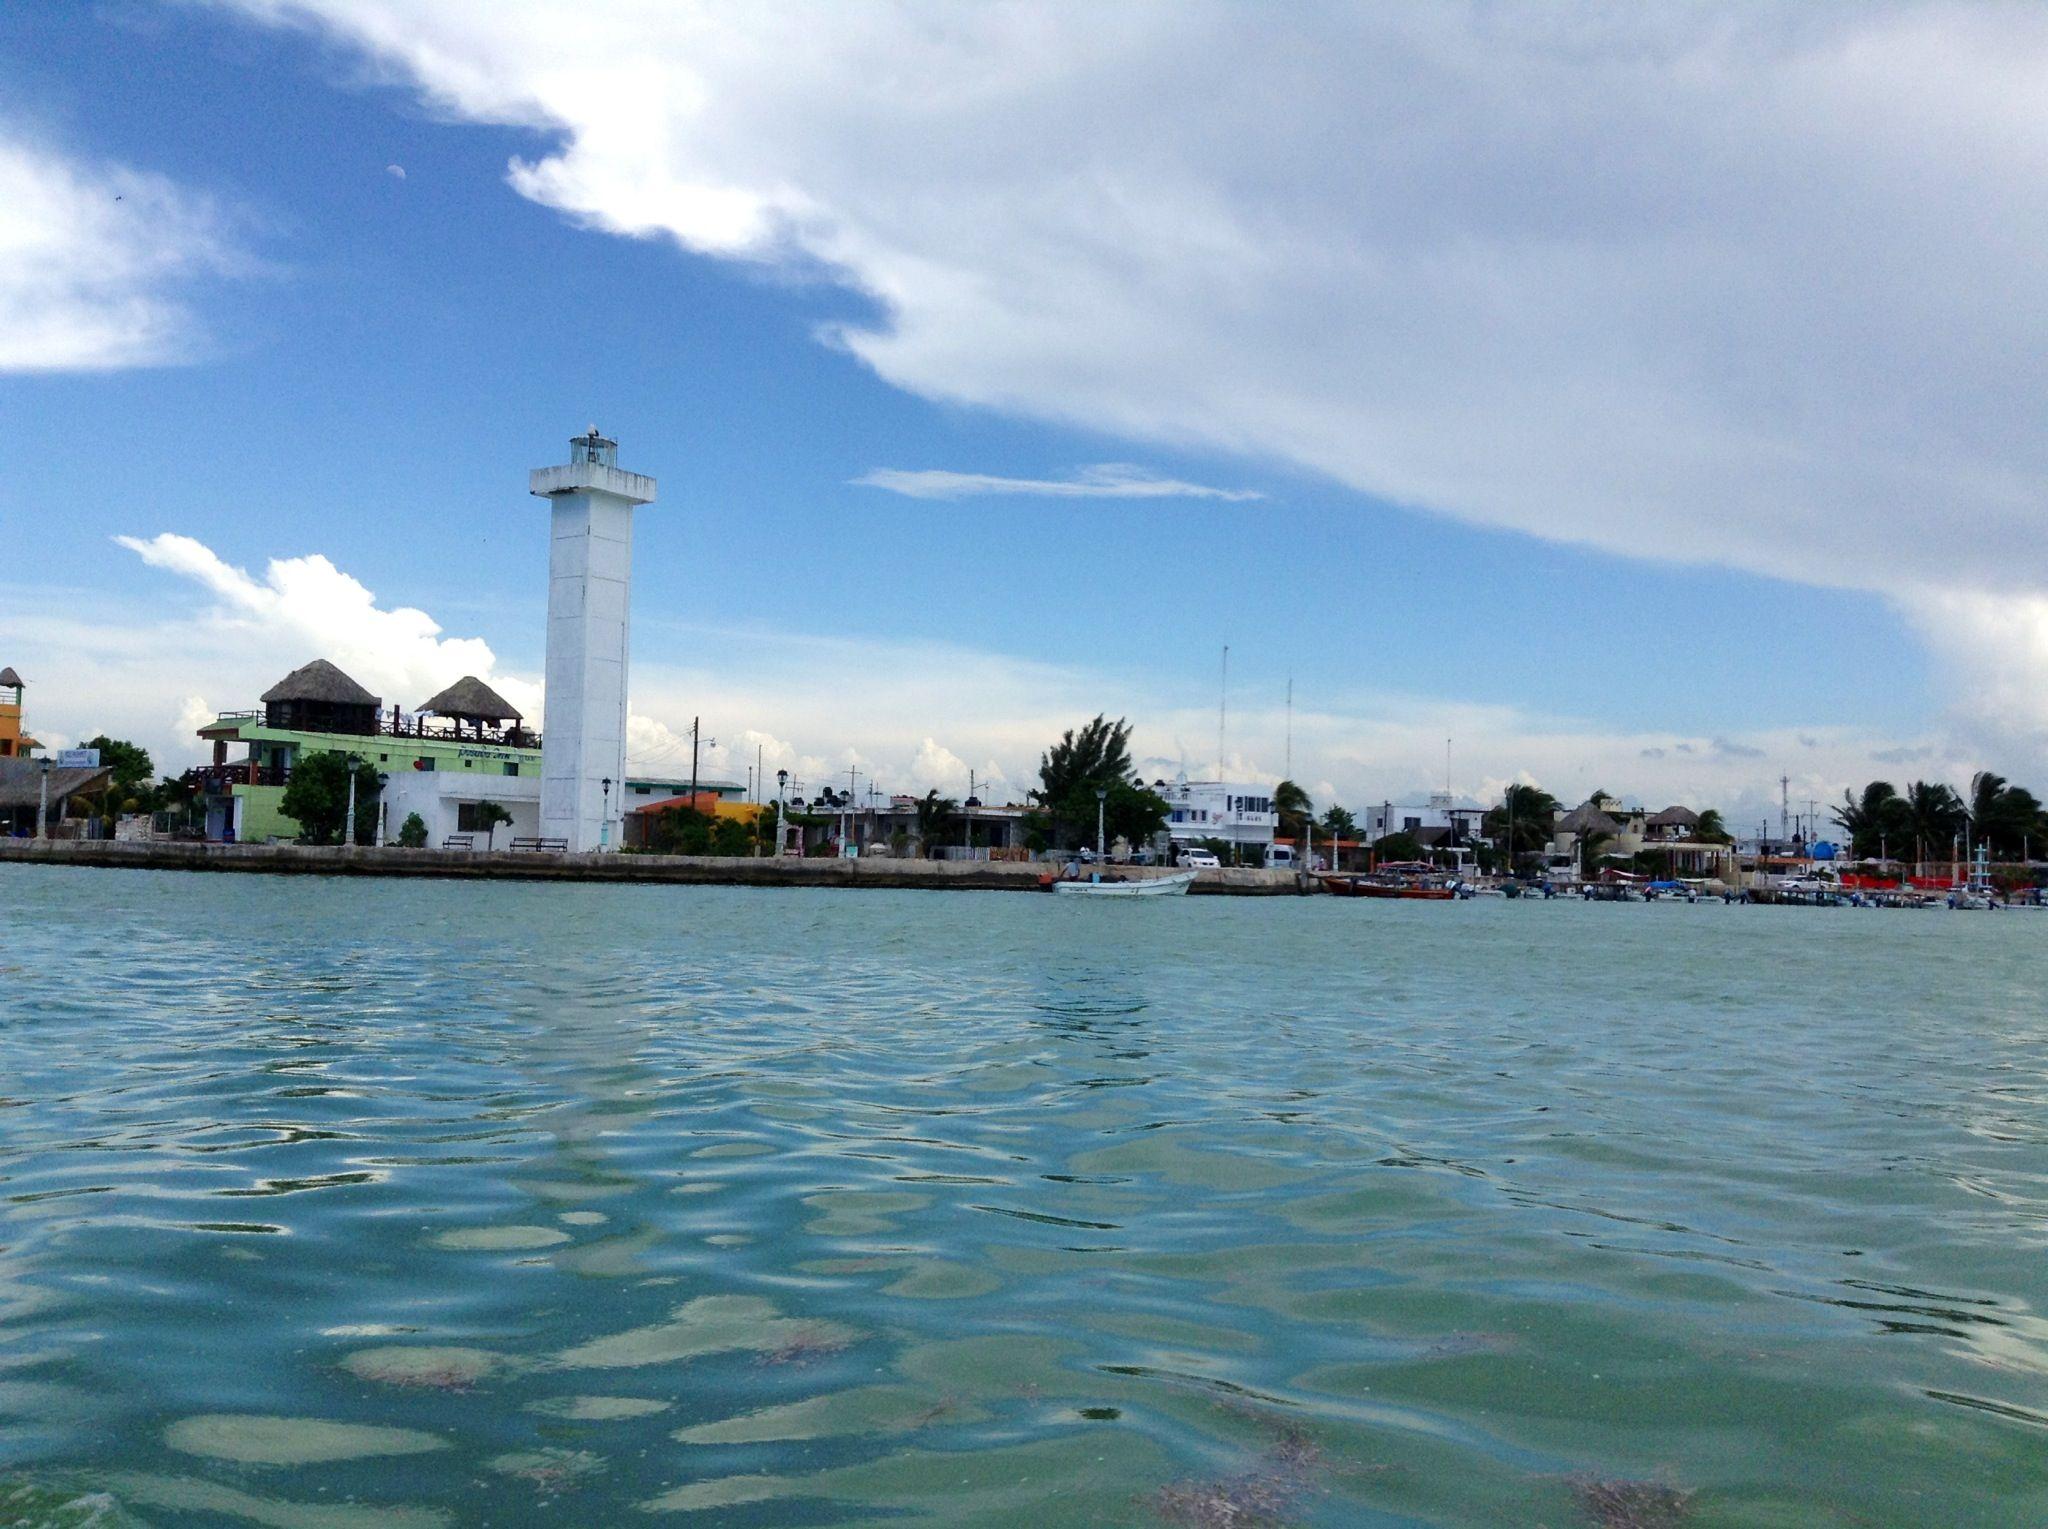 Malecón de Río Lagartos, Yucatán, México.